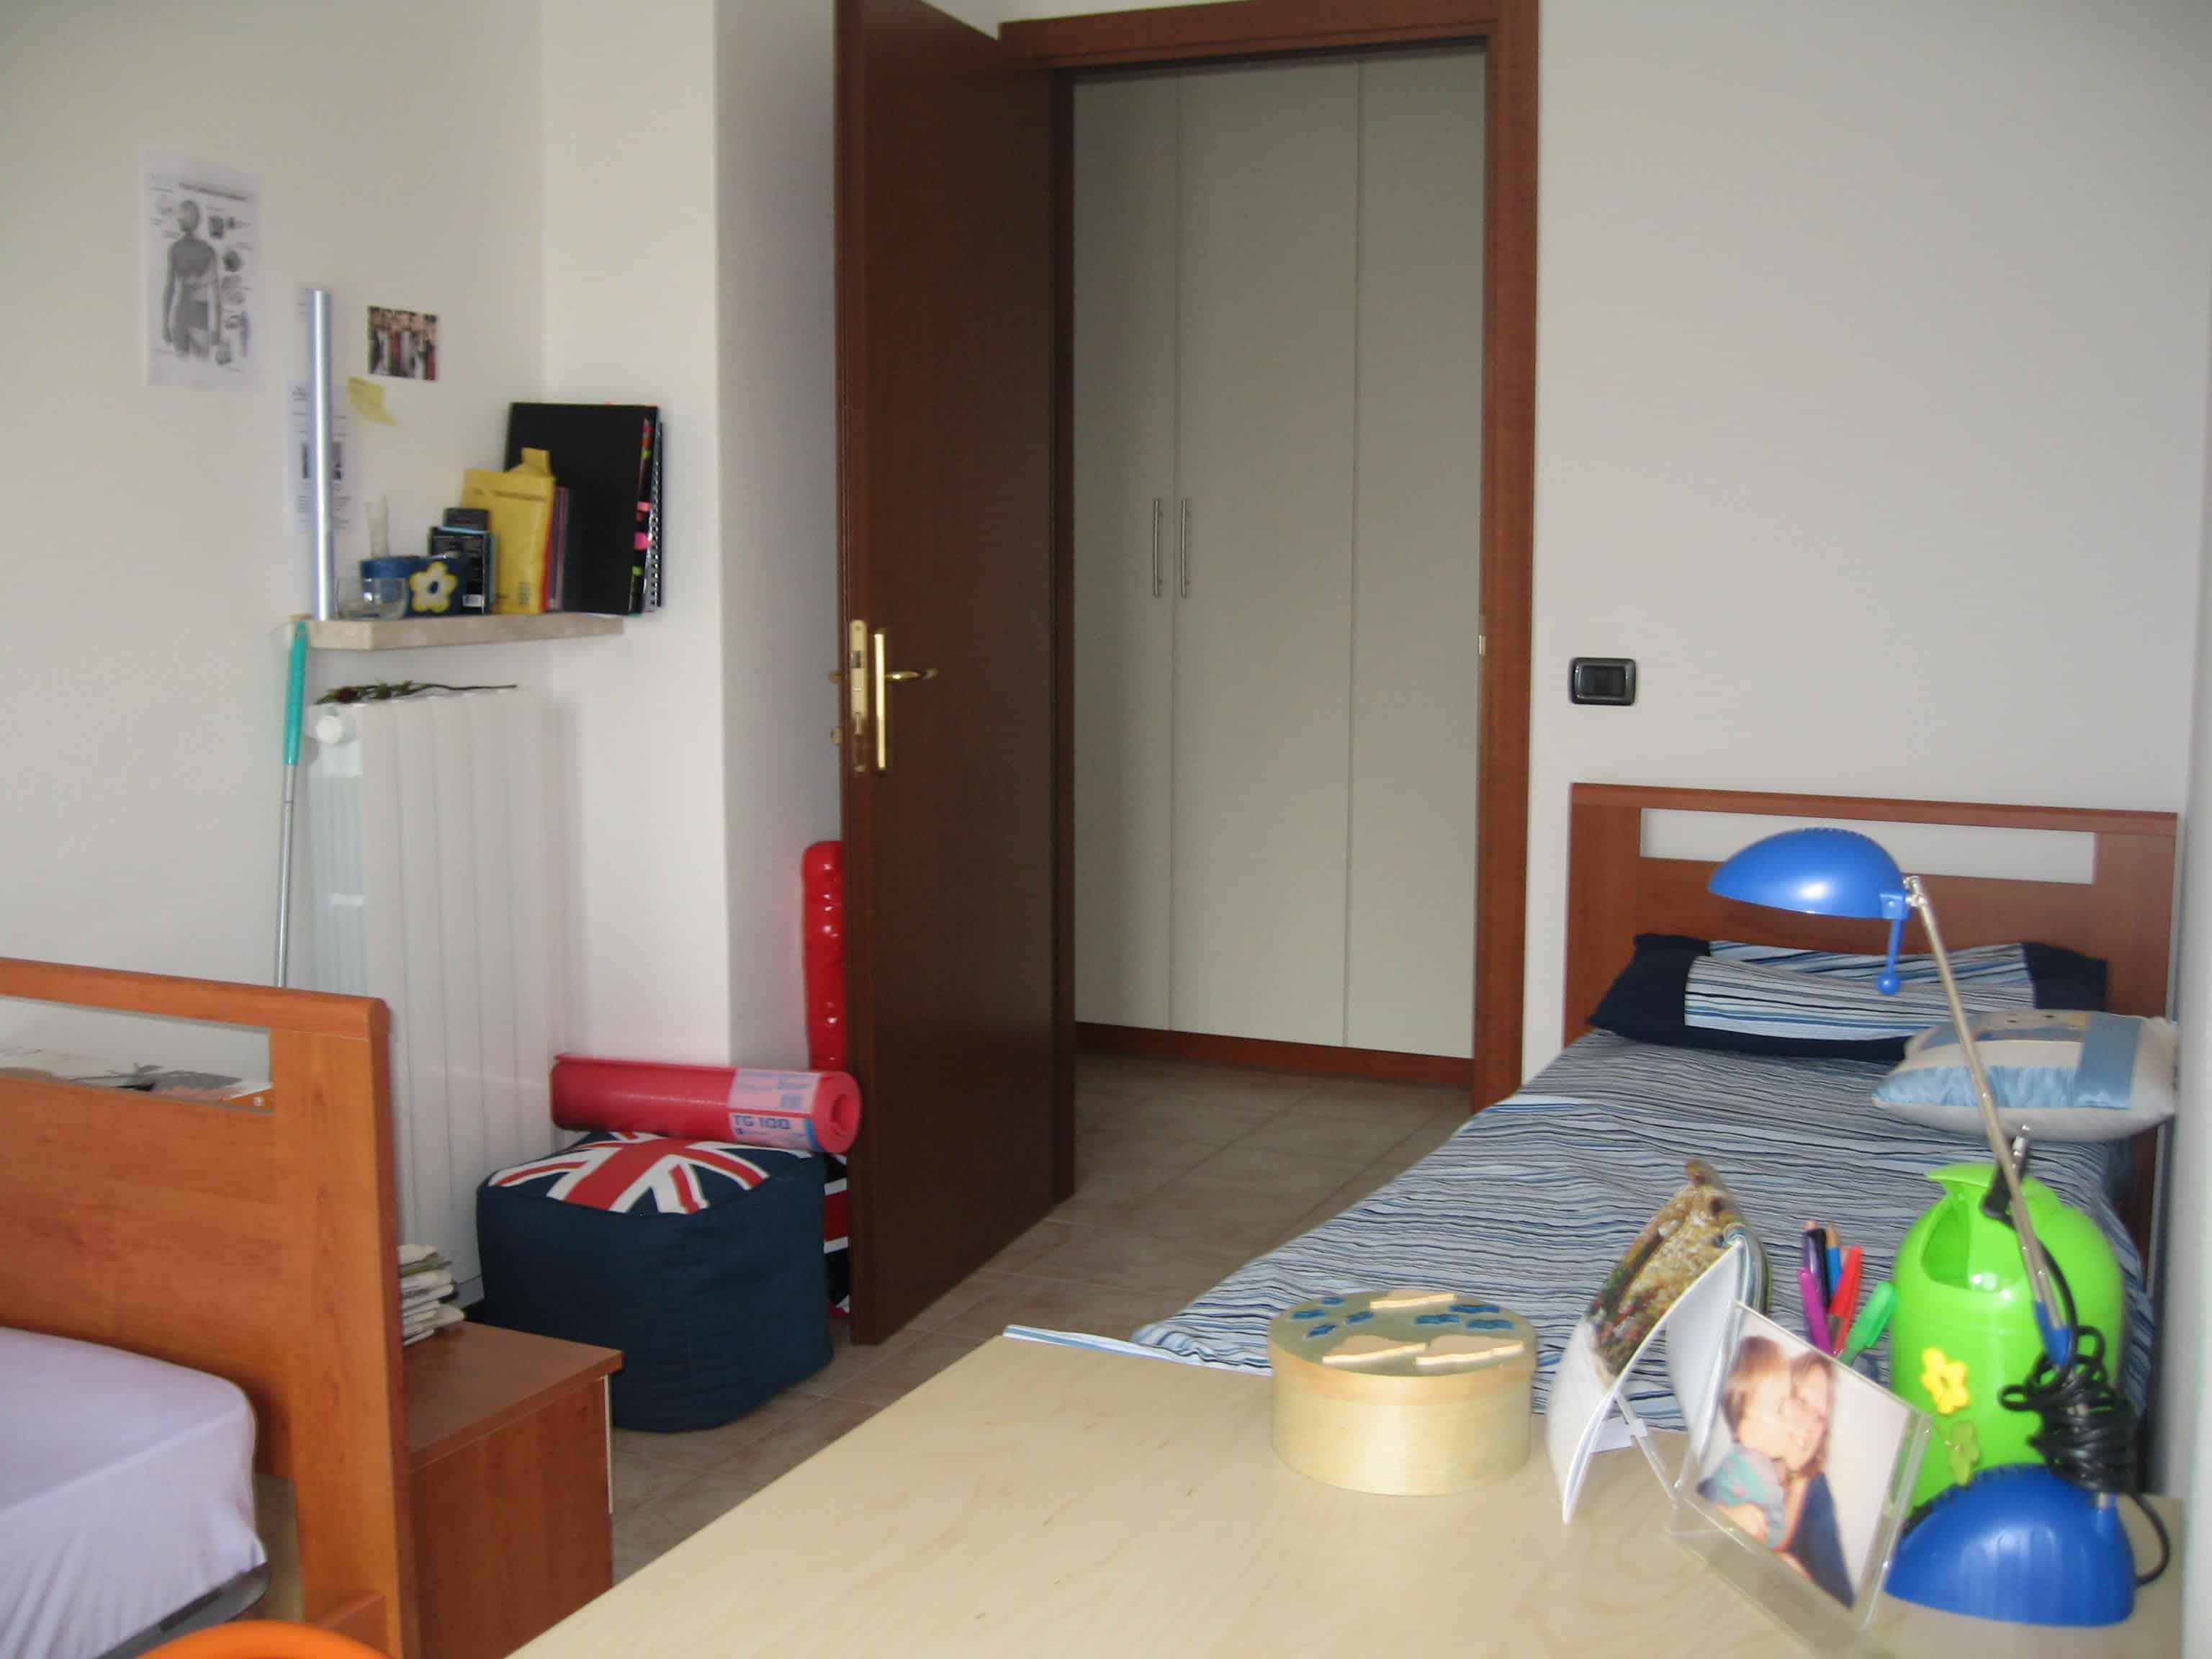 Appartamento per studenti Strada Le Grazie Verona - Camera doppia 3